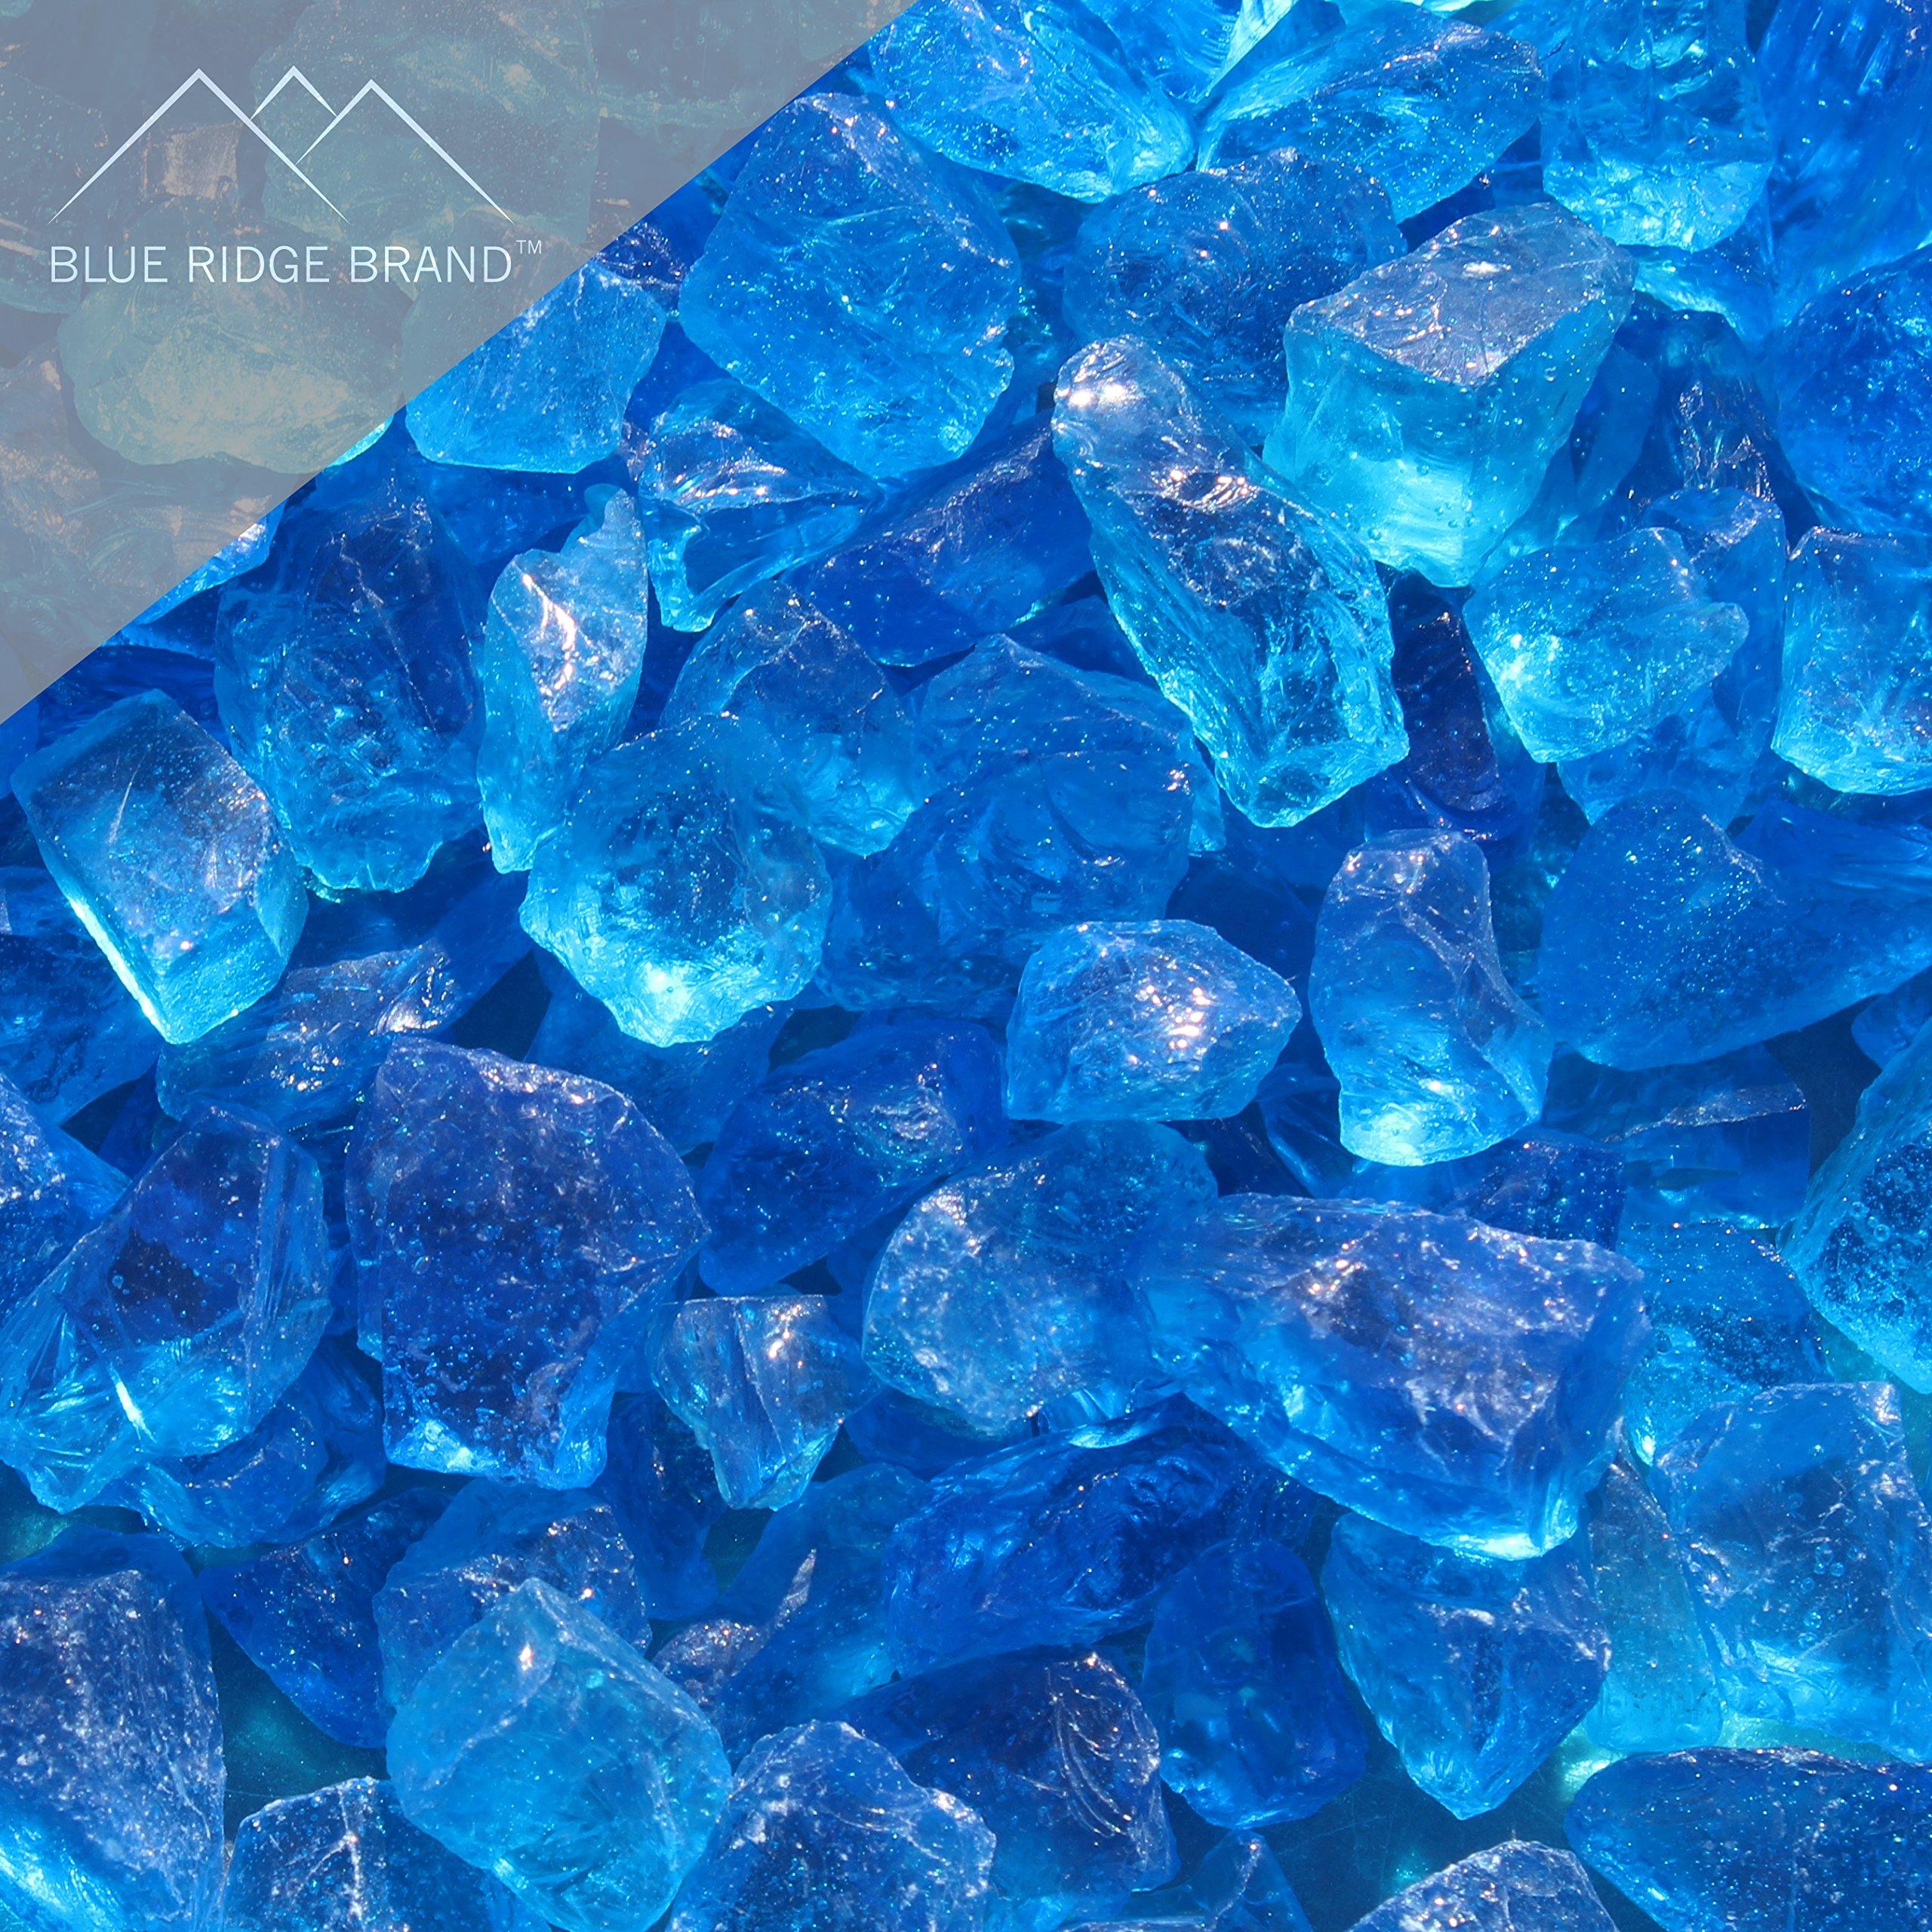 Blue Ridge Brand™ Light Blue Fire Glass - 50-Pound Professional Grade Fire Pit Glass - 1/2'' Fire Glass Bulk Pack - Glass Rock Contractor Pack